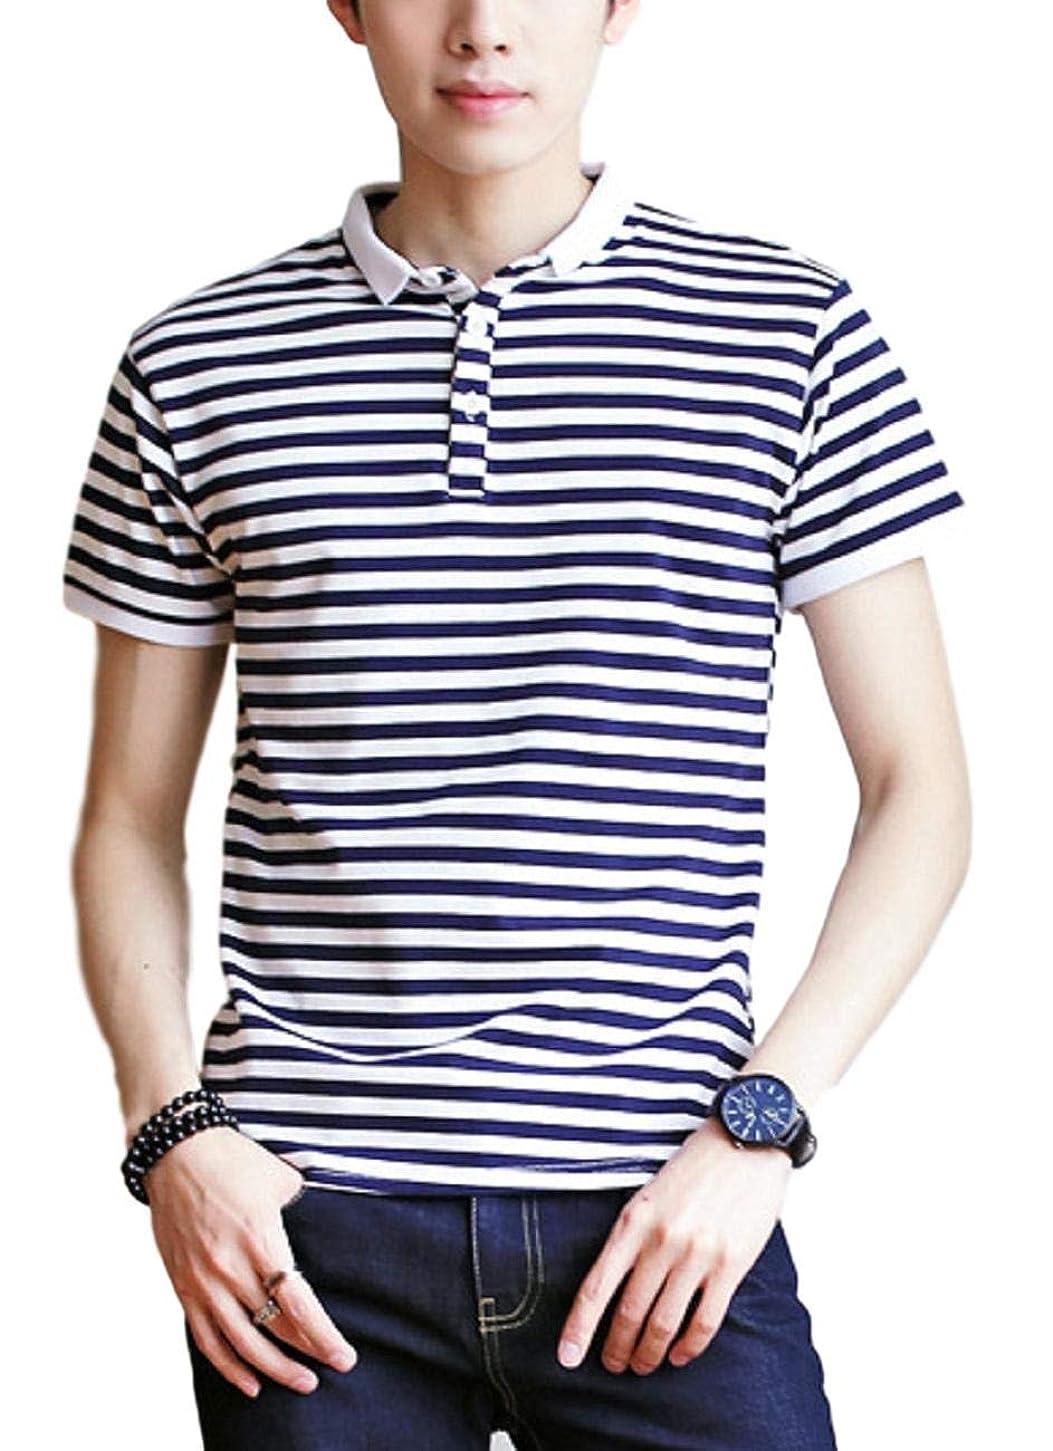 ランチョン割り当てる後者[ラルジュアルブル] ポロシャツ ボーダー カットソー 襟付き Tシャツ インナー アウター かっこいい シンプル カジュアル トップス